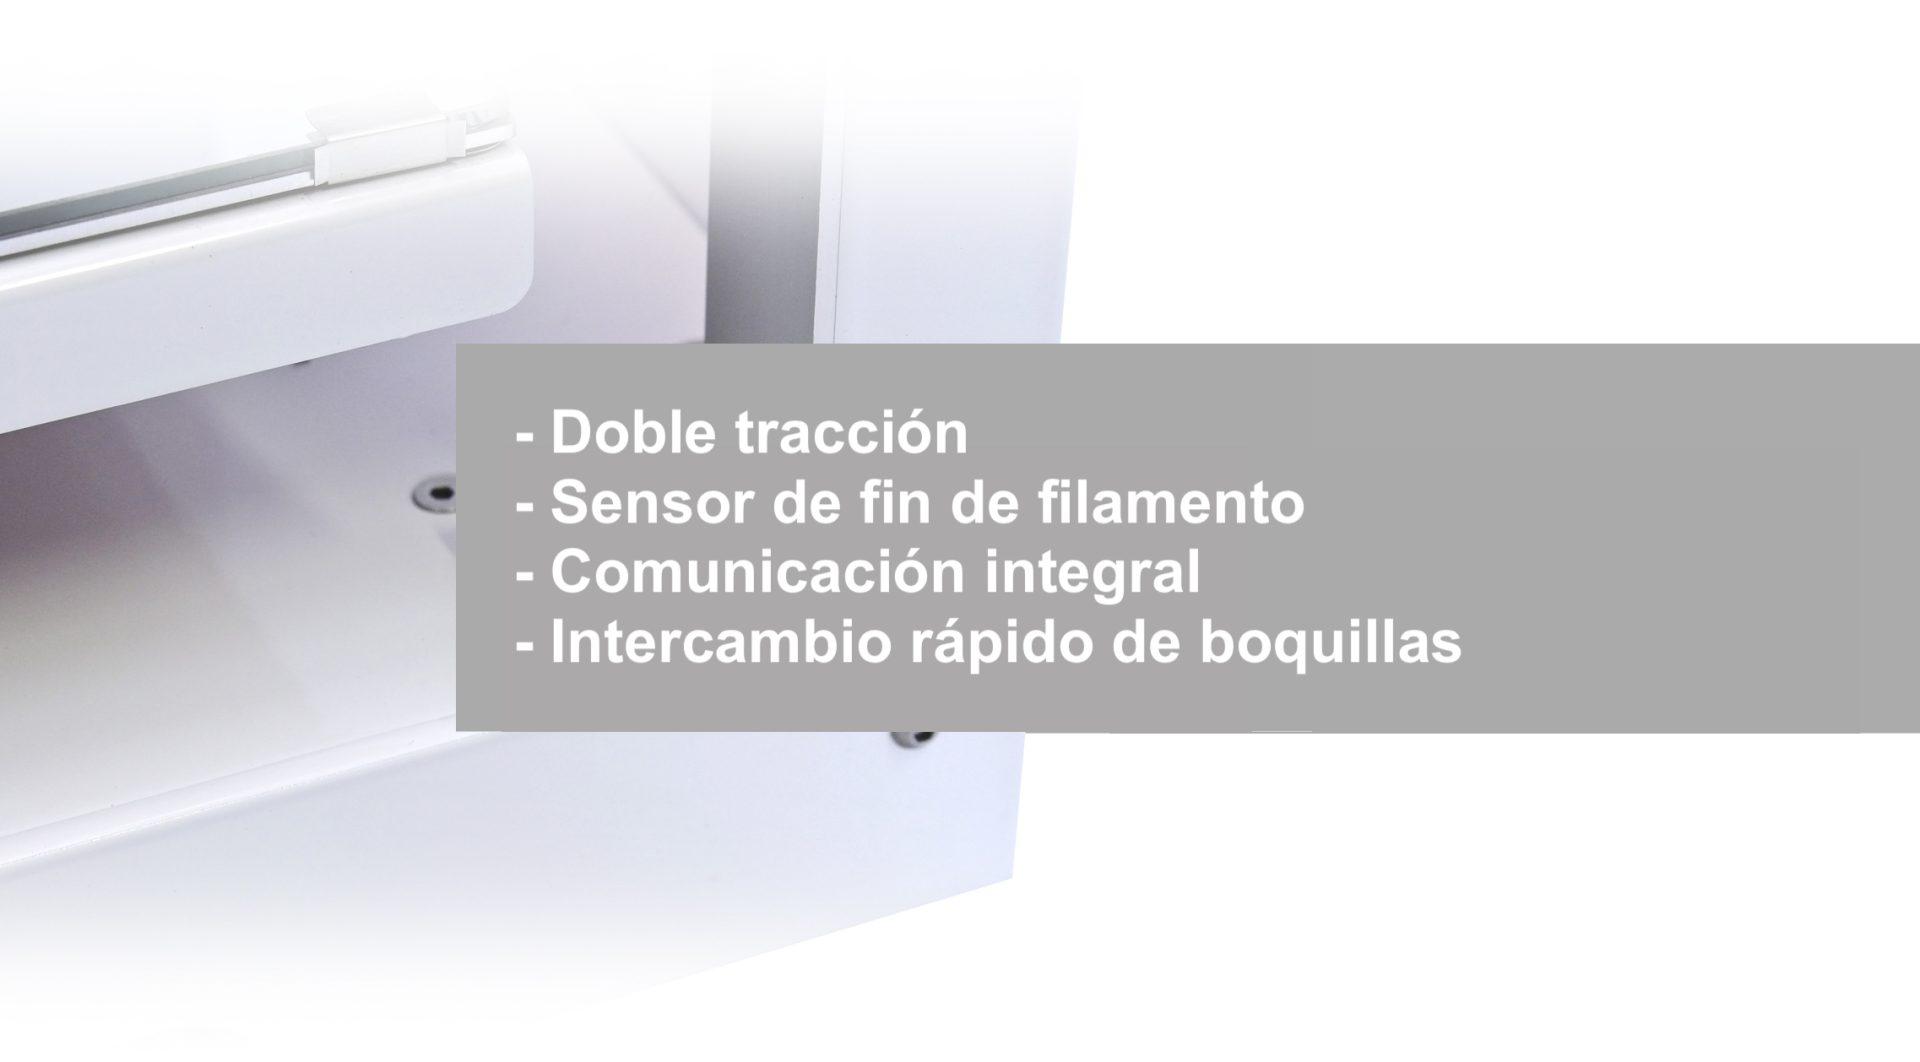 impresora-3d-voladora-mx-Sensor-de-puerta